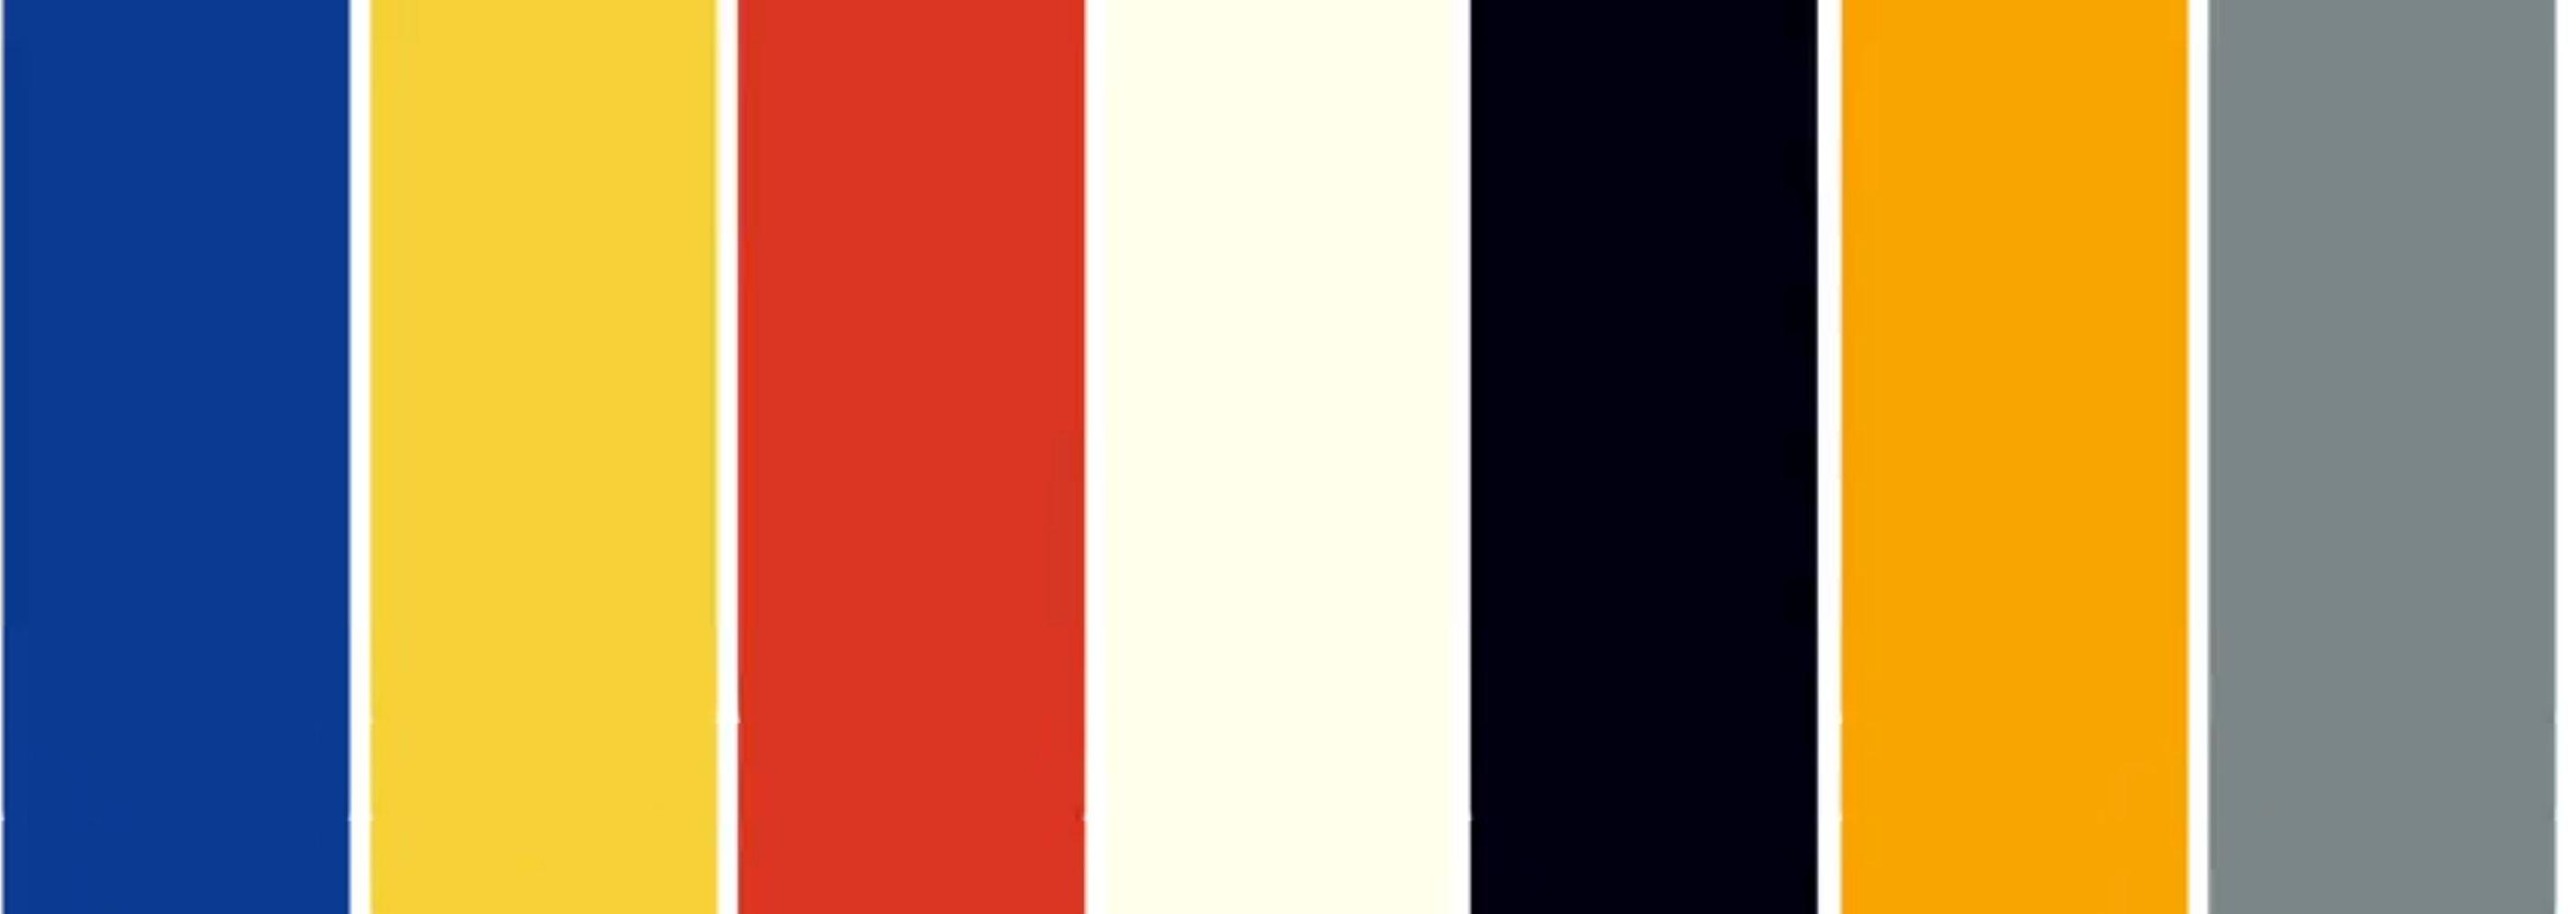 Foto Heimtextil 2020. Paleta de culori sociată trendului Urban Smart este inspirată de culorile primare rosu, galben, albastru, cărora li se adaugă nonculorile alb și negru, plus griul și portocaliul echipamentelor sportive.